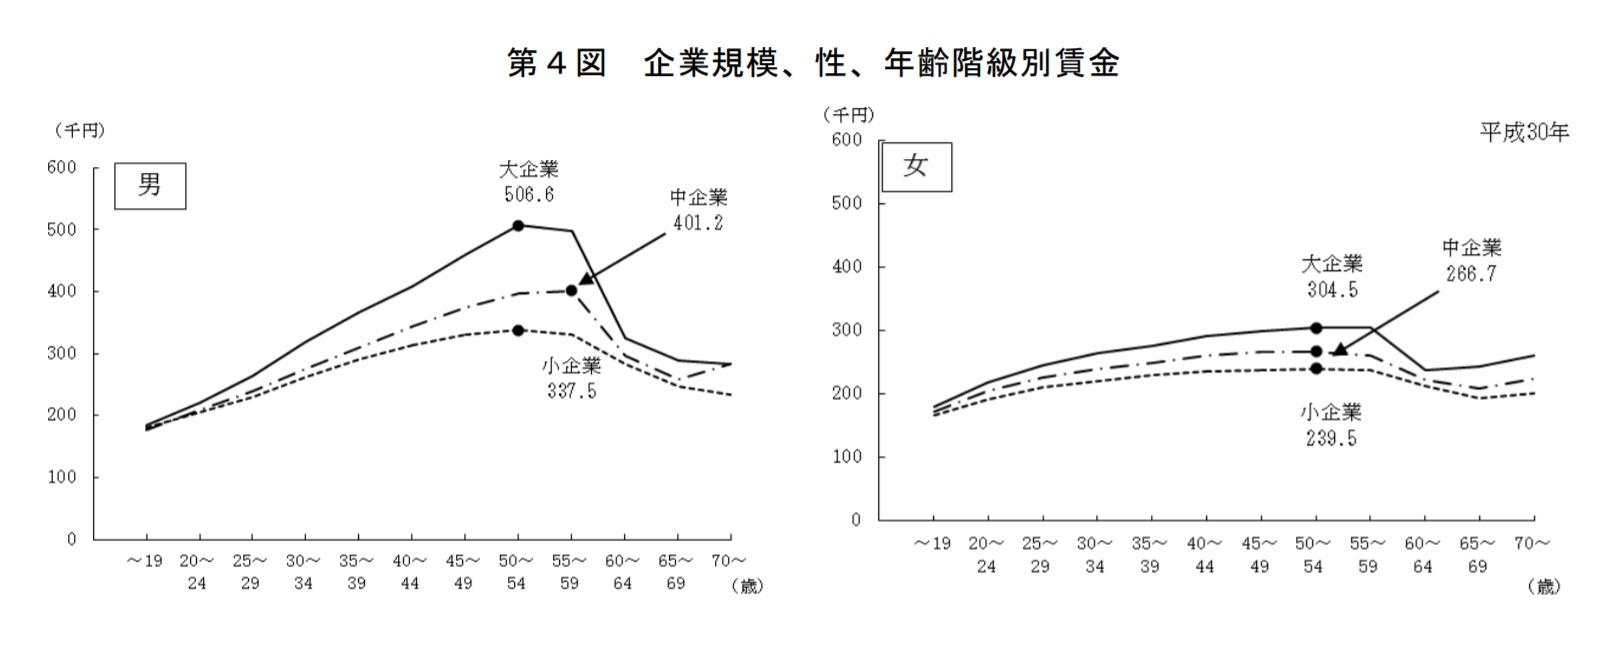 厚生労働省の賃金構造基本統計調査(平成30年)